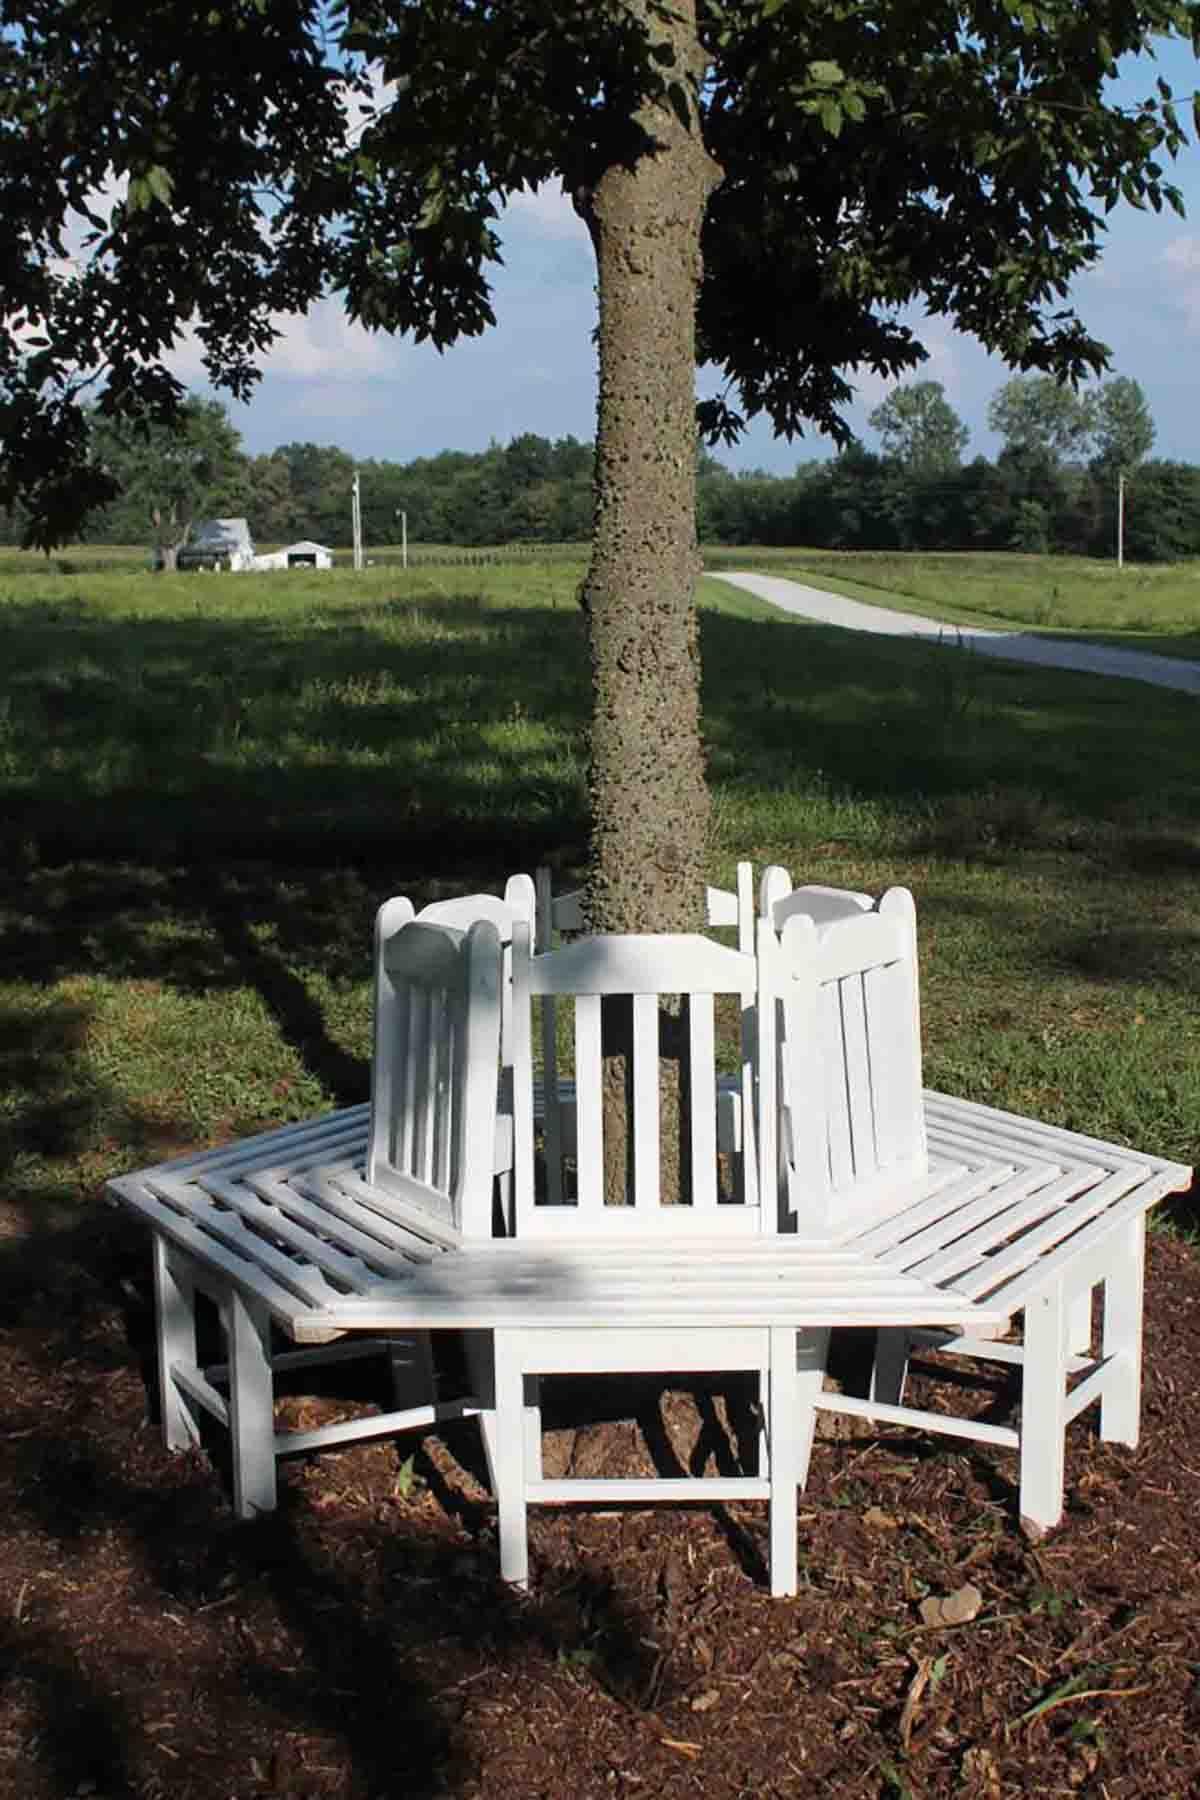 18 DIY Garden Bench Ideas - Free Plans for Outdoor Benches